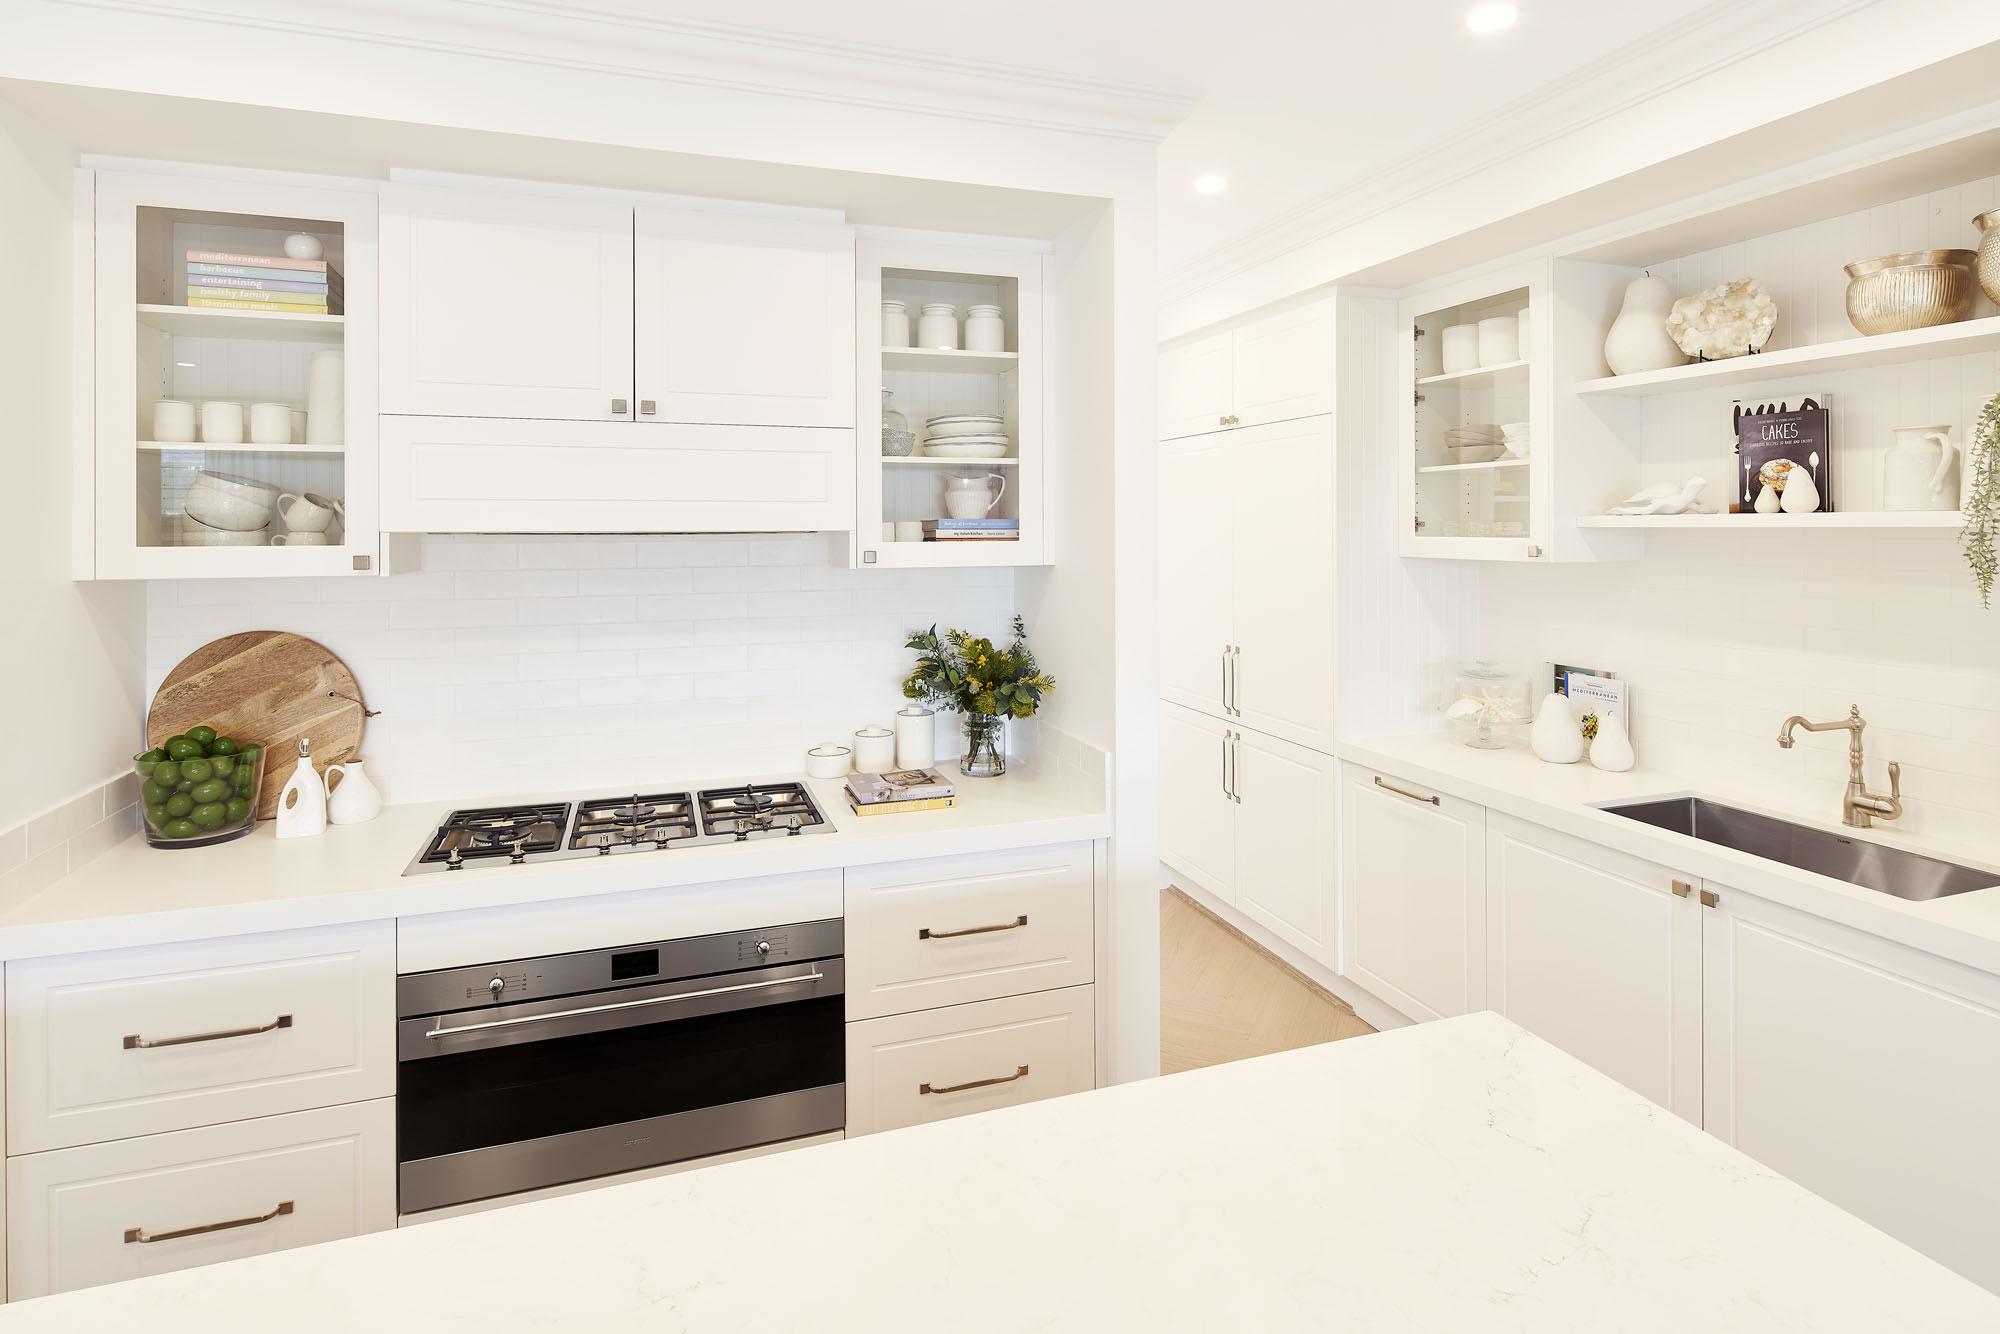 Kitchens by Artline Kitchens